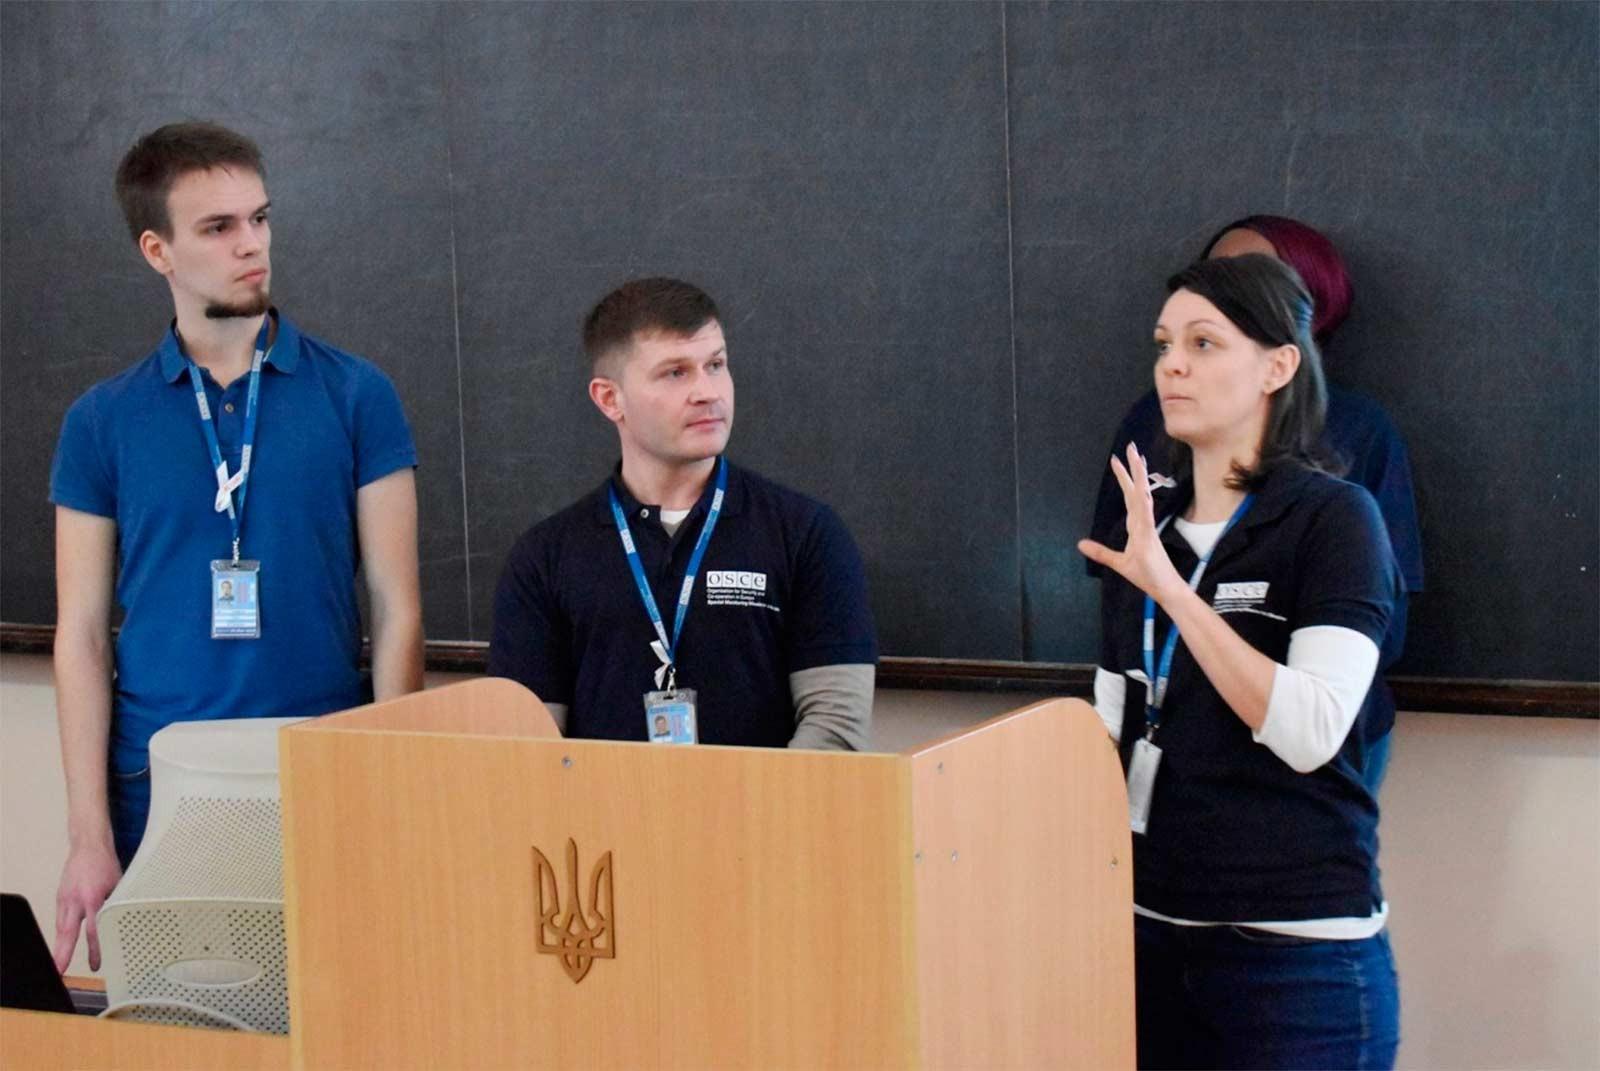 Людвін Ест'єн розповіла про цілі та завдання Спеціальної моніторингової місії ОБСЄ